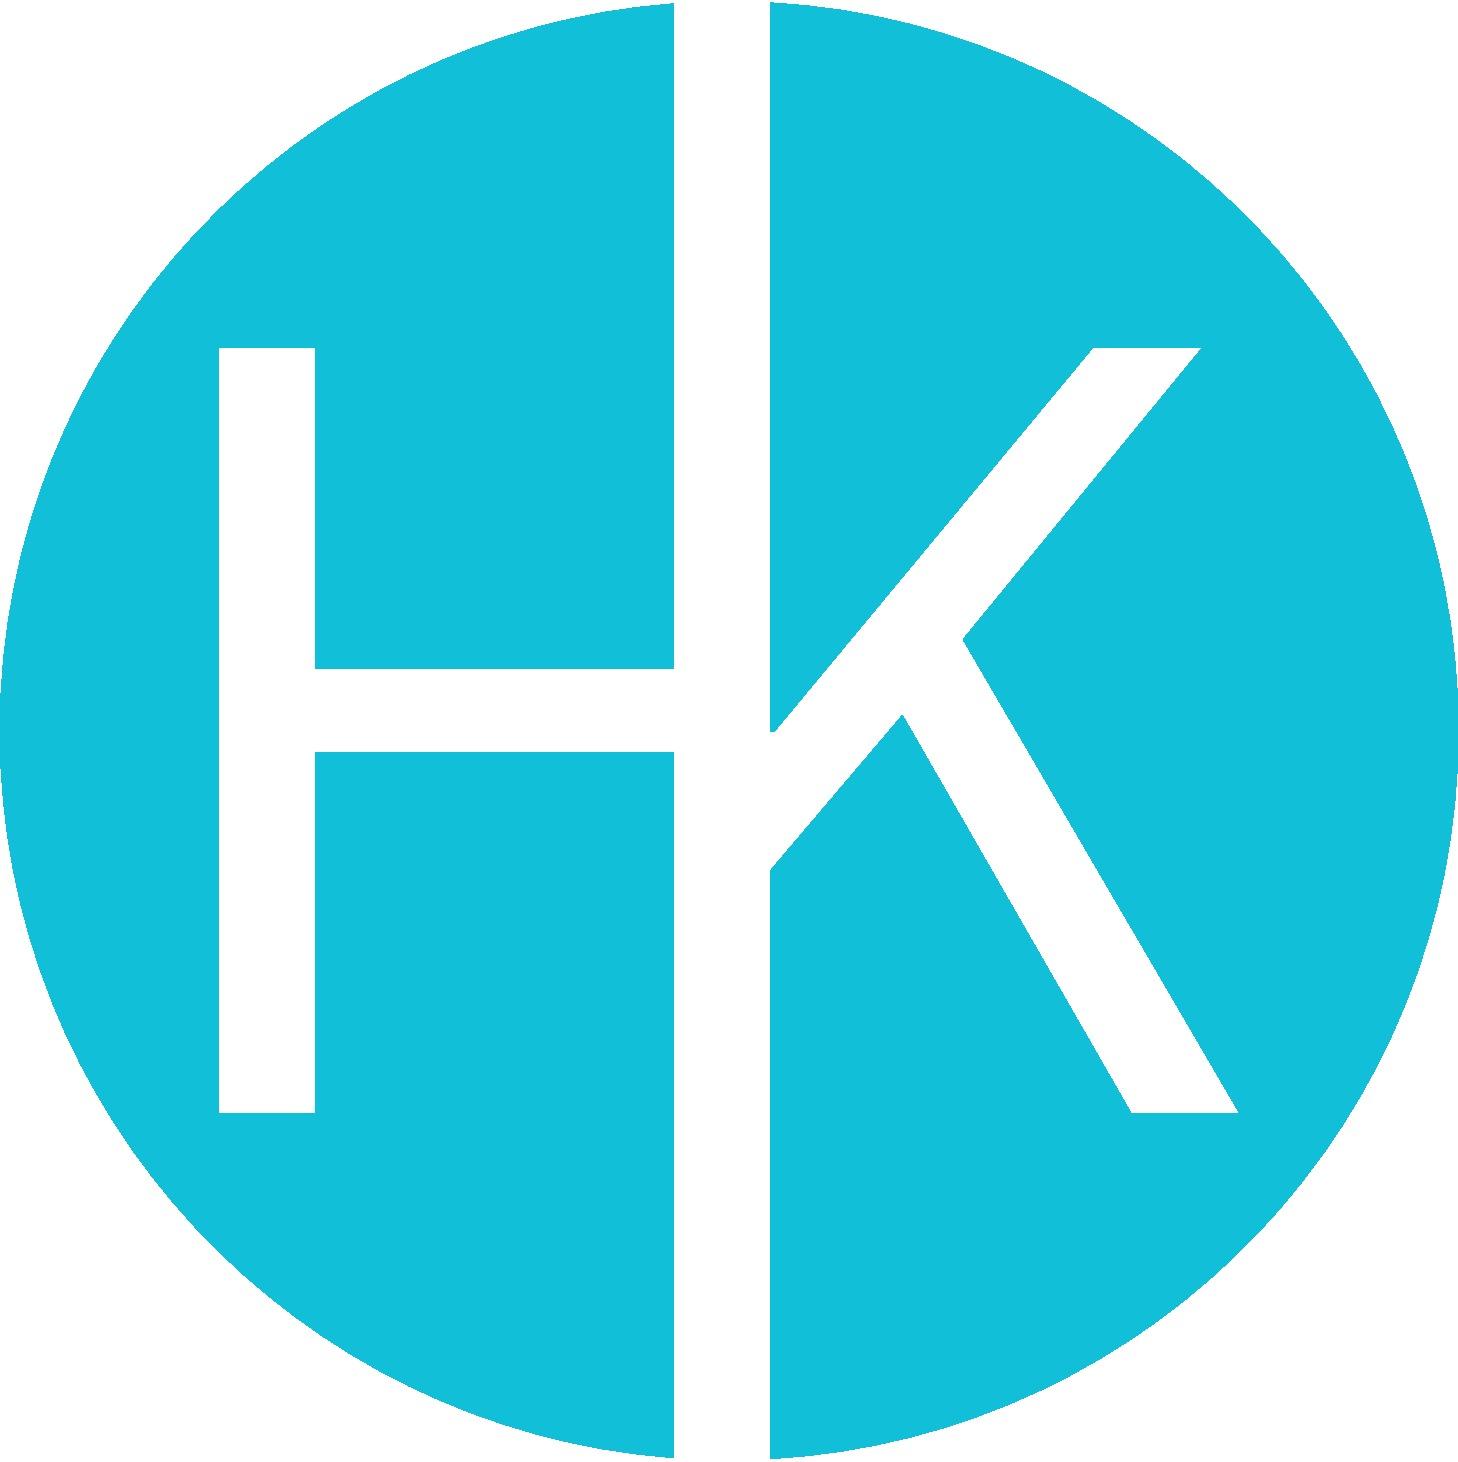 hk_logo_eps.jpg